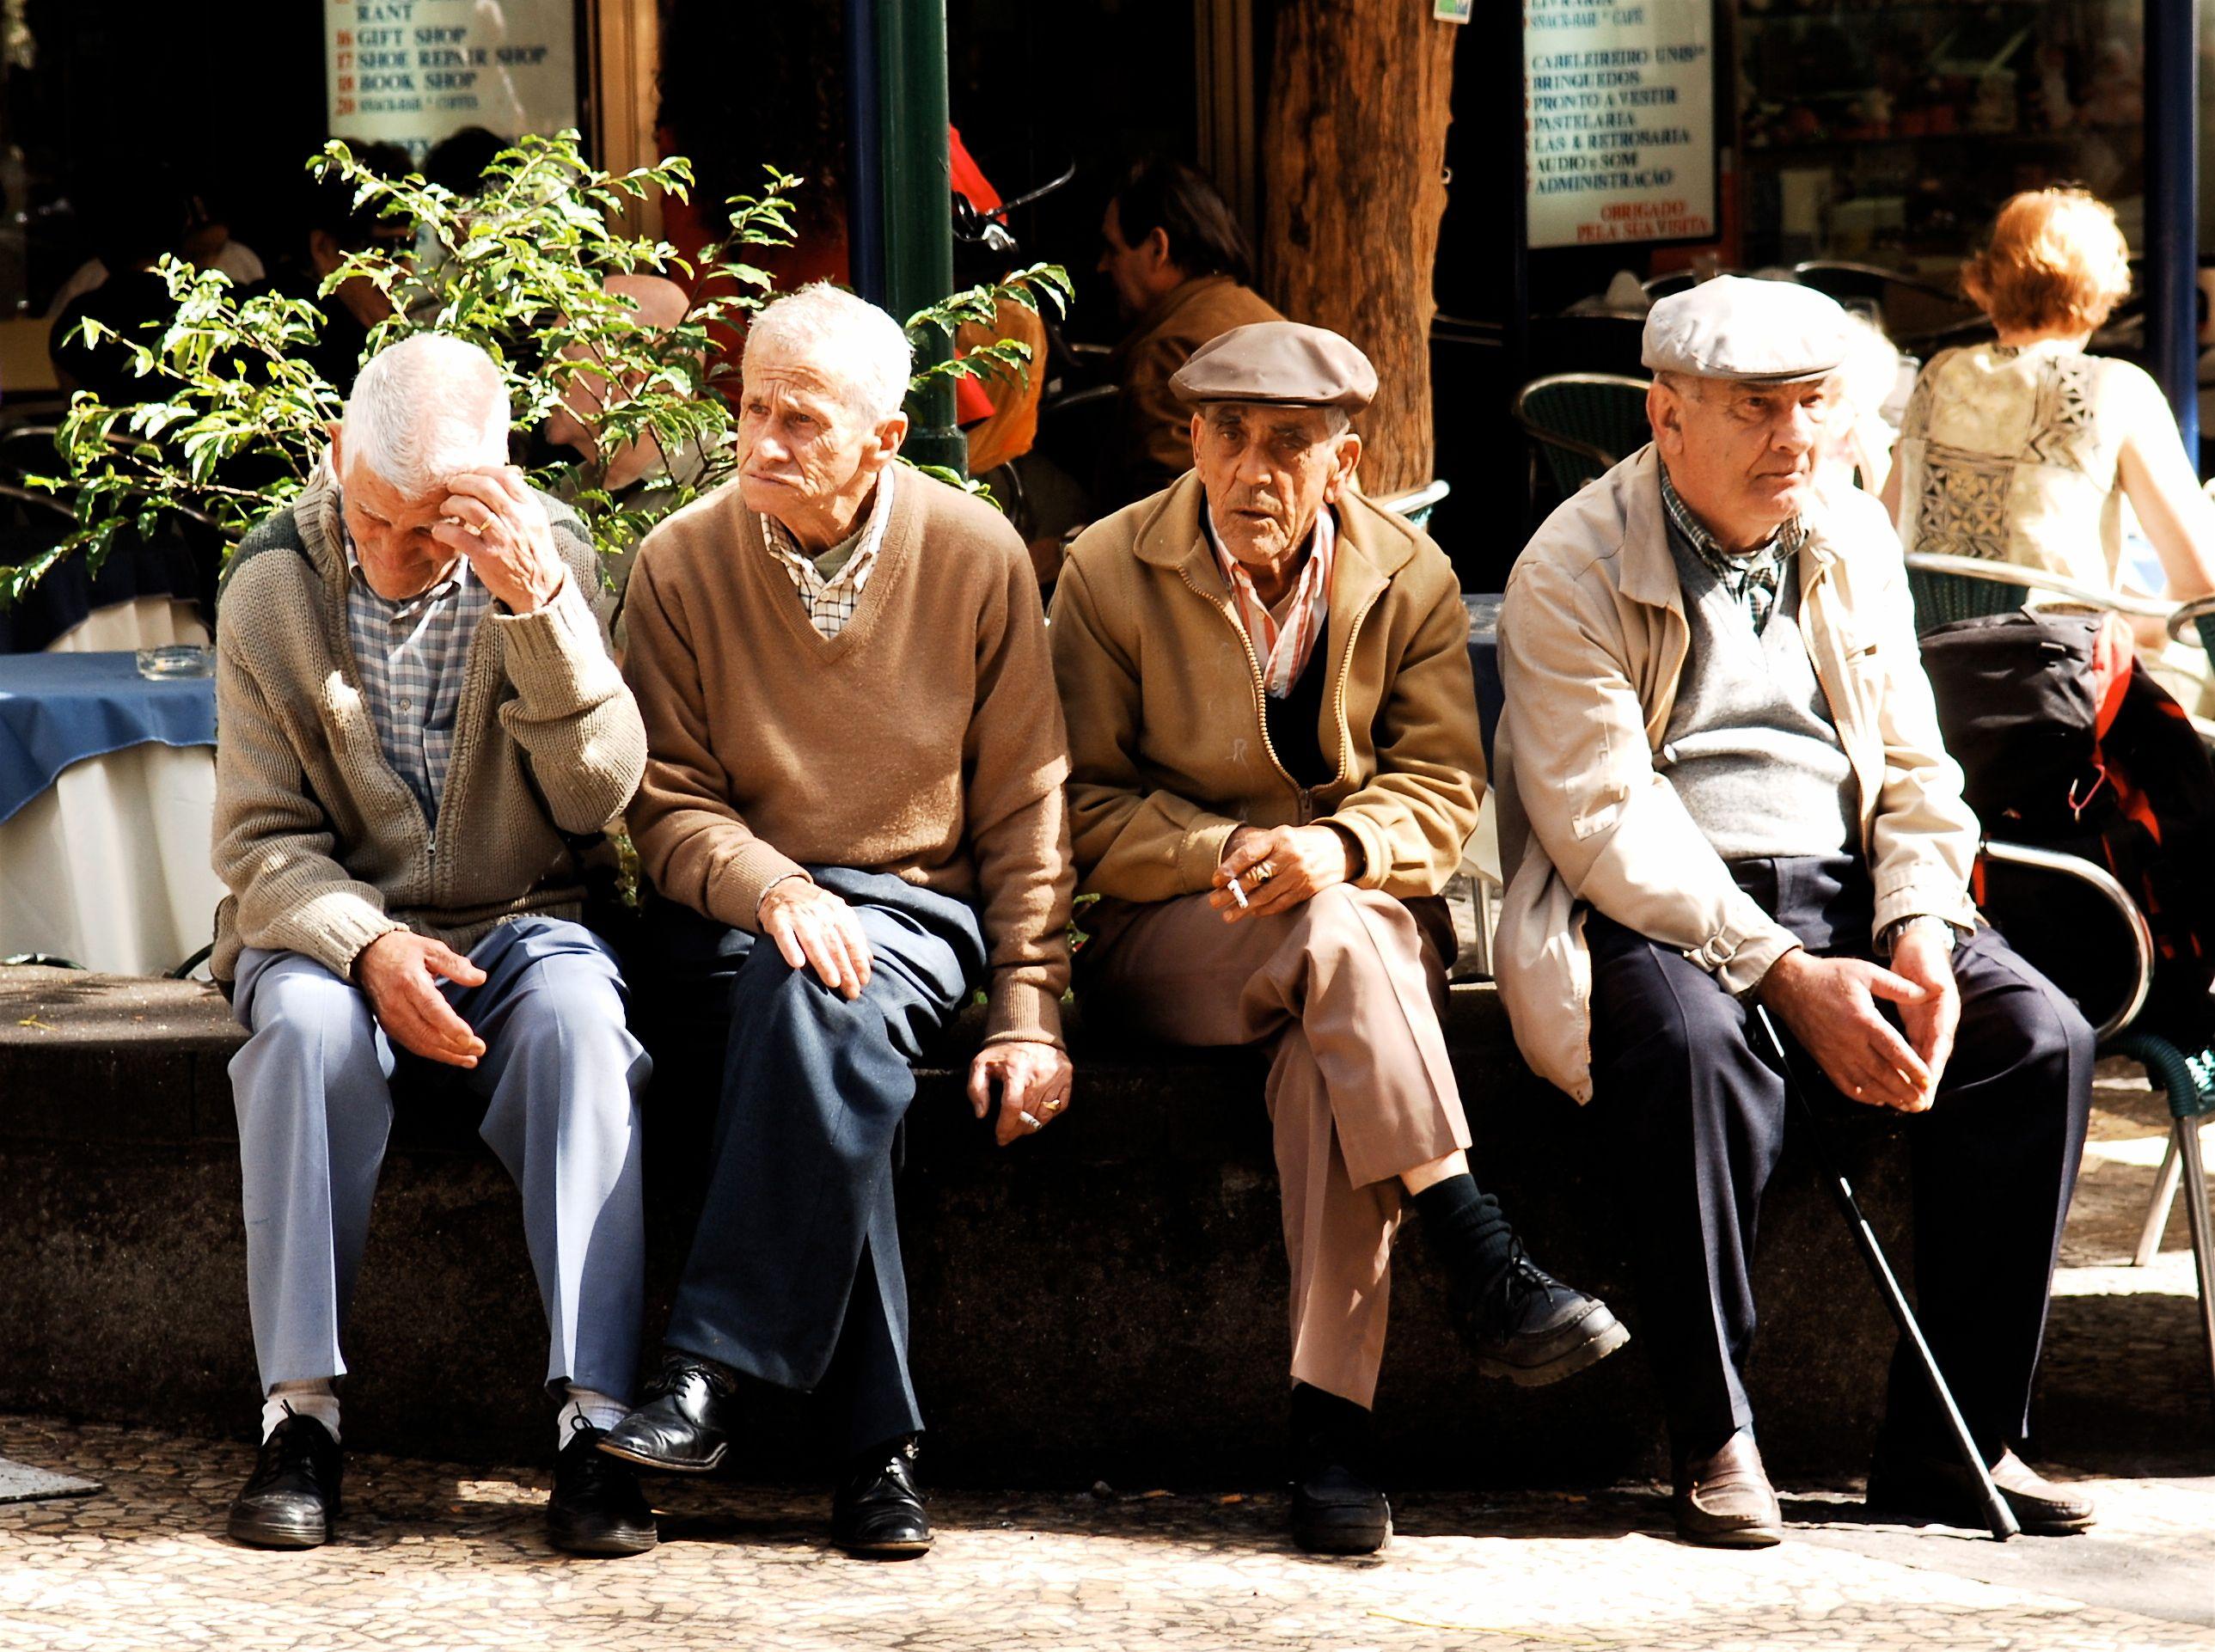 Le vieillissement de la population des pays développés expliquerait-il leur faible croissance ?